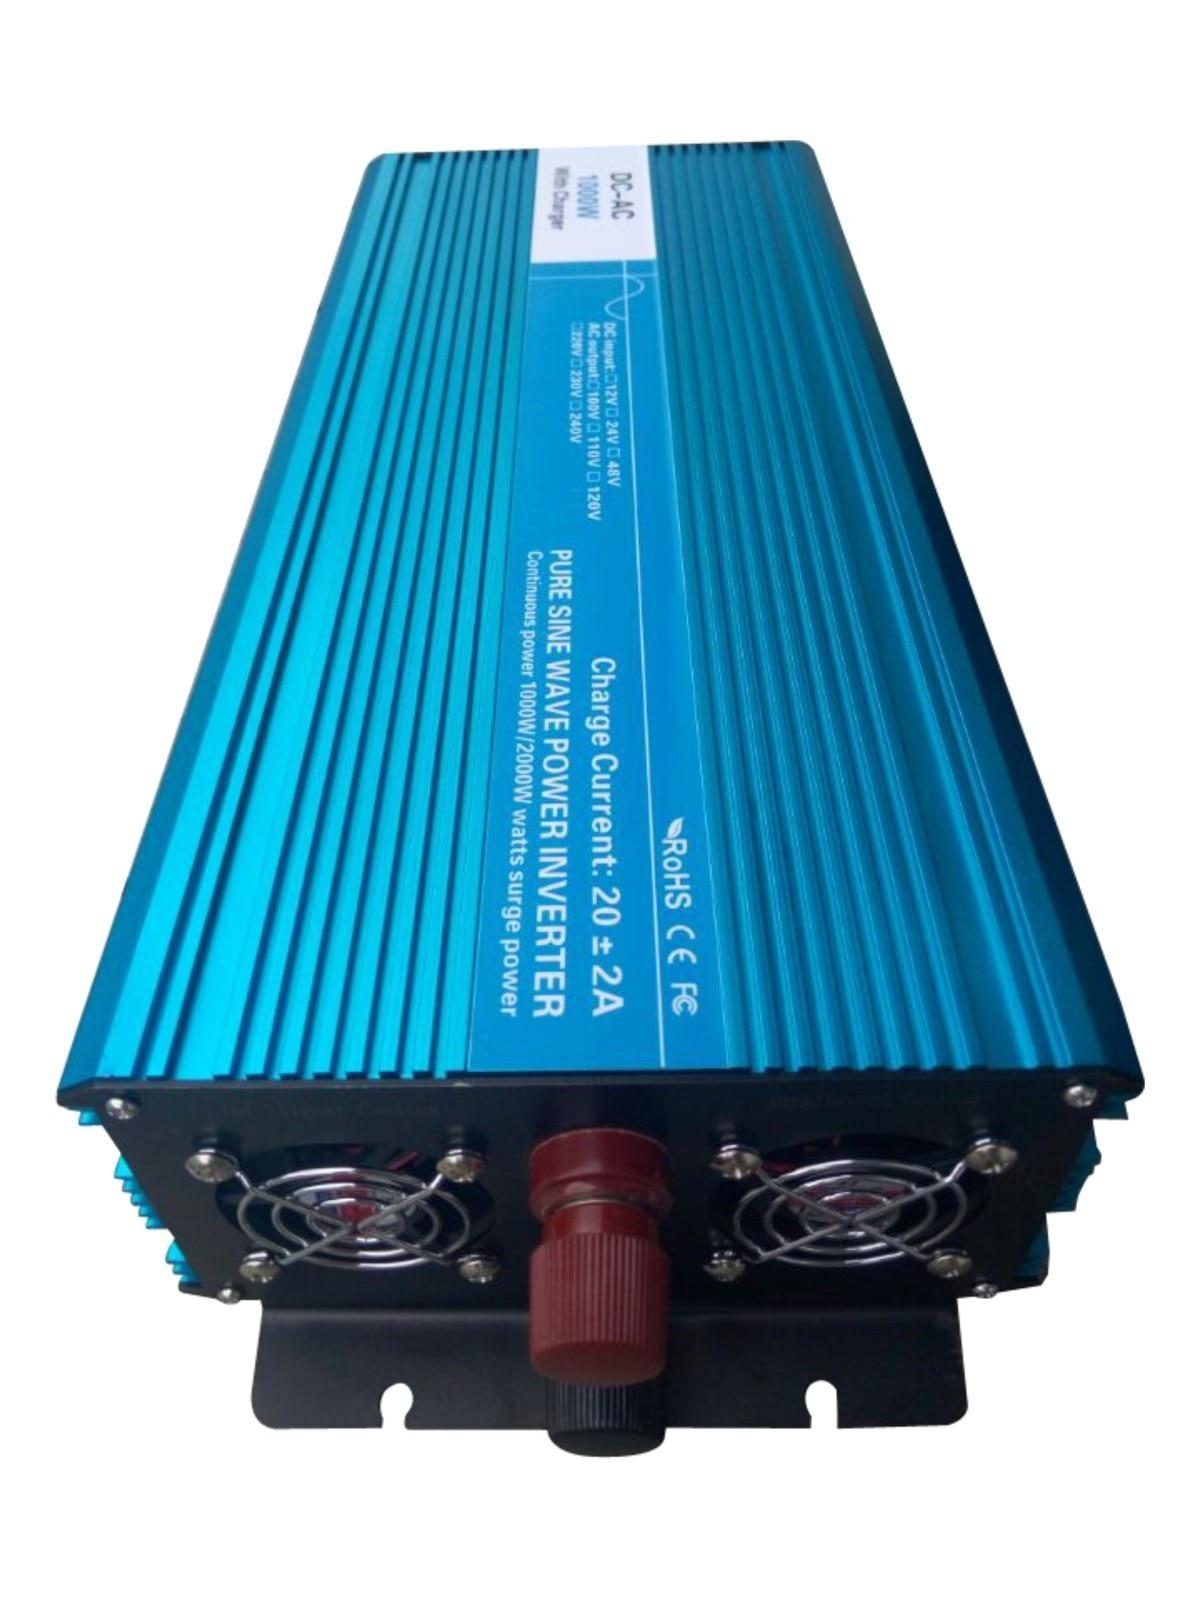 1500 w Puro Inverter A Onda Sinusoidale, DC 12 v/24 v/48 v Per AC 110 v/220 v, off-grid Inverter di potenza con il caricatore/UPS, Inverter Solare per la casa1500 w Puro Inverter A Onda Sinusoidale, DC 12 v/24 v/48 v Per AC 110 v/220 v, off-grid Inverter di potenza con il caricatore/UPS, Inverter Solare per la casa